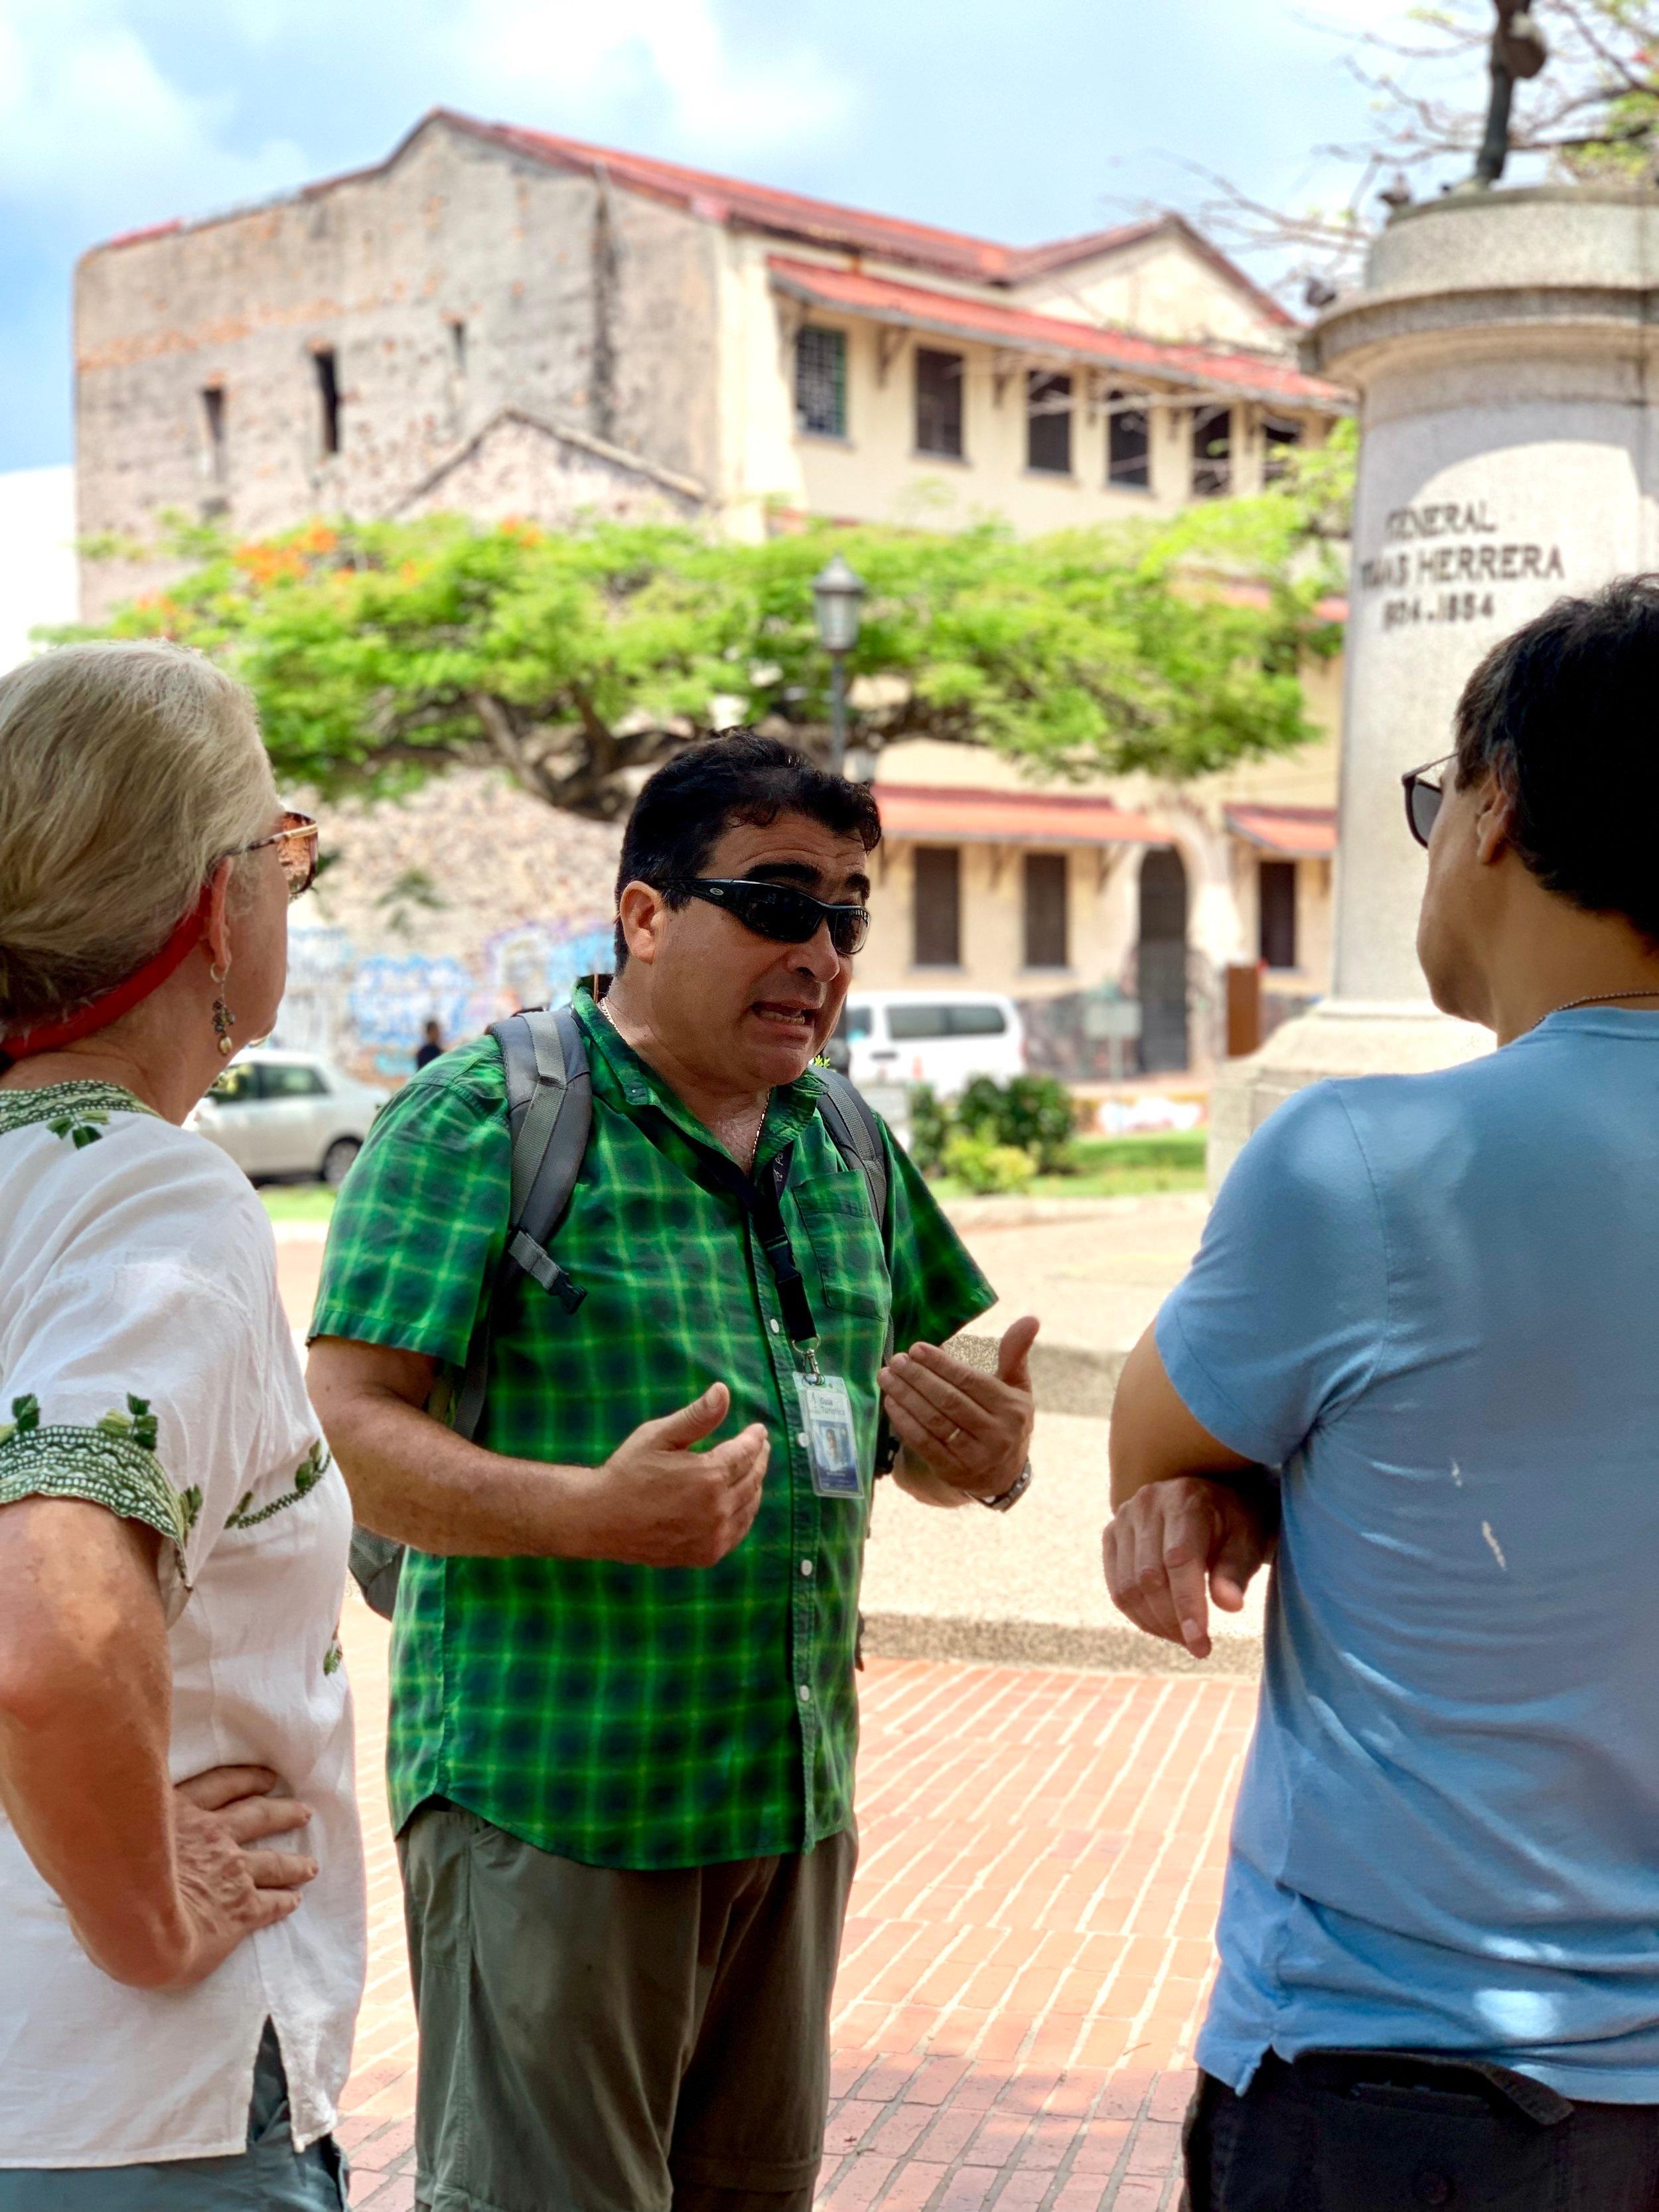 Panama City's Casco Viejo